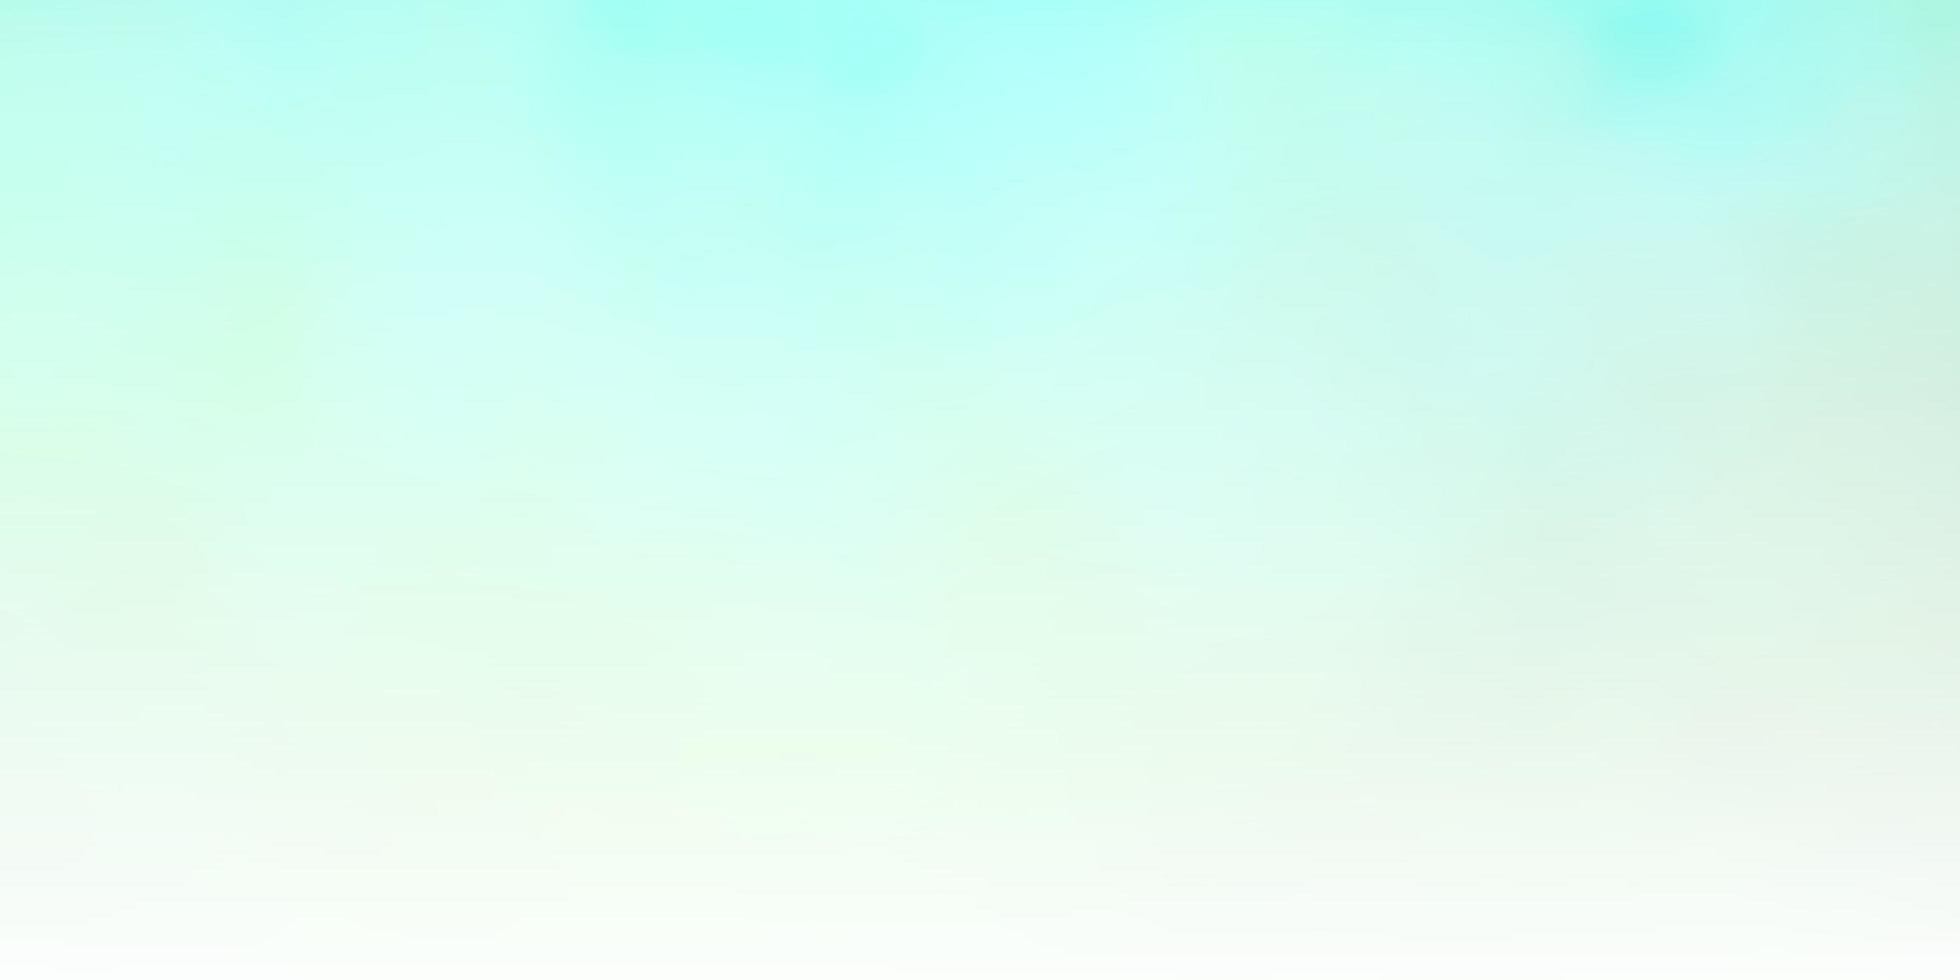 padrão de luz verde com nuvens. vetor